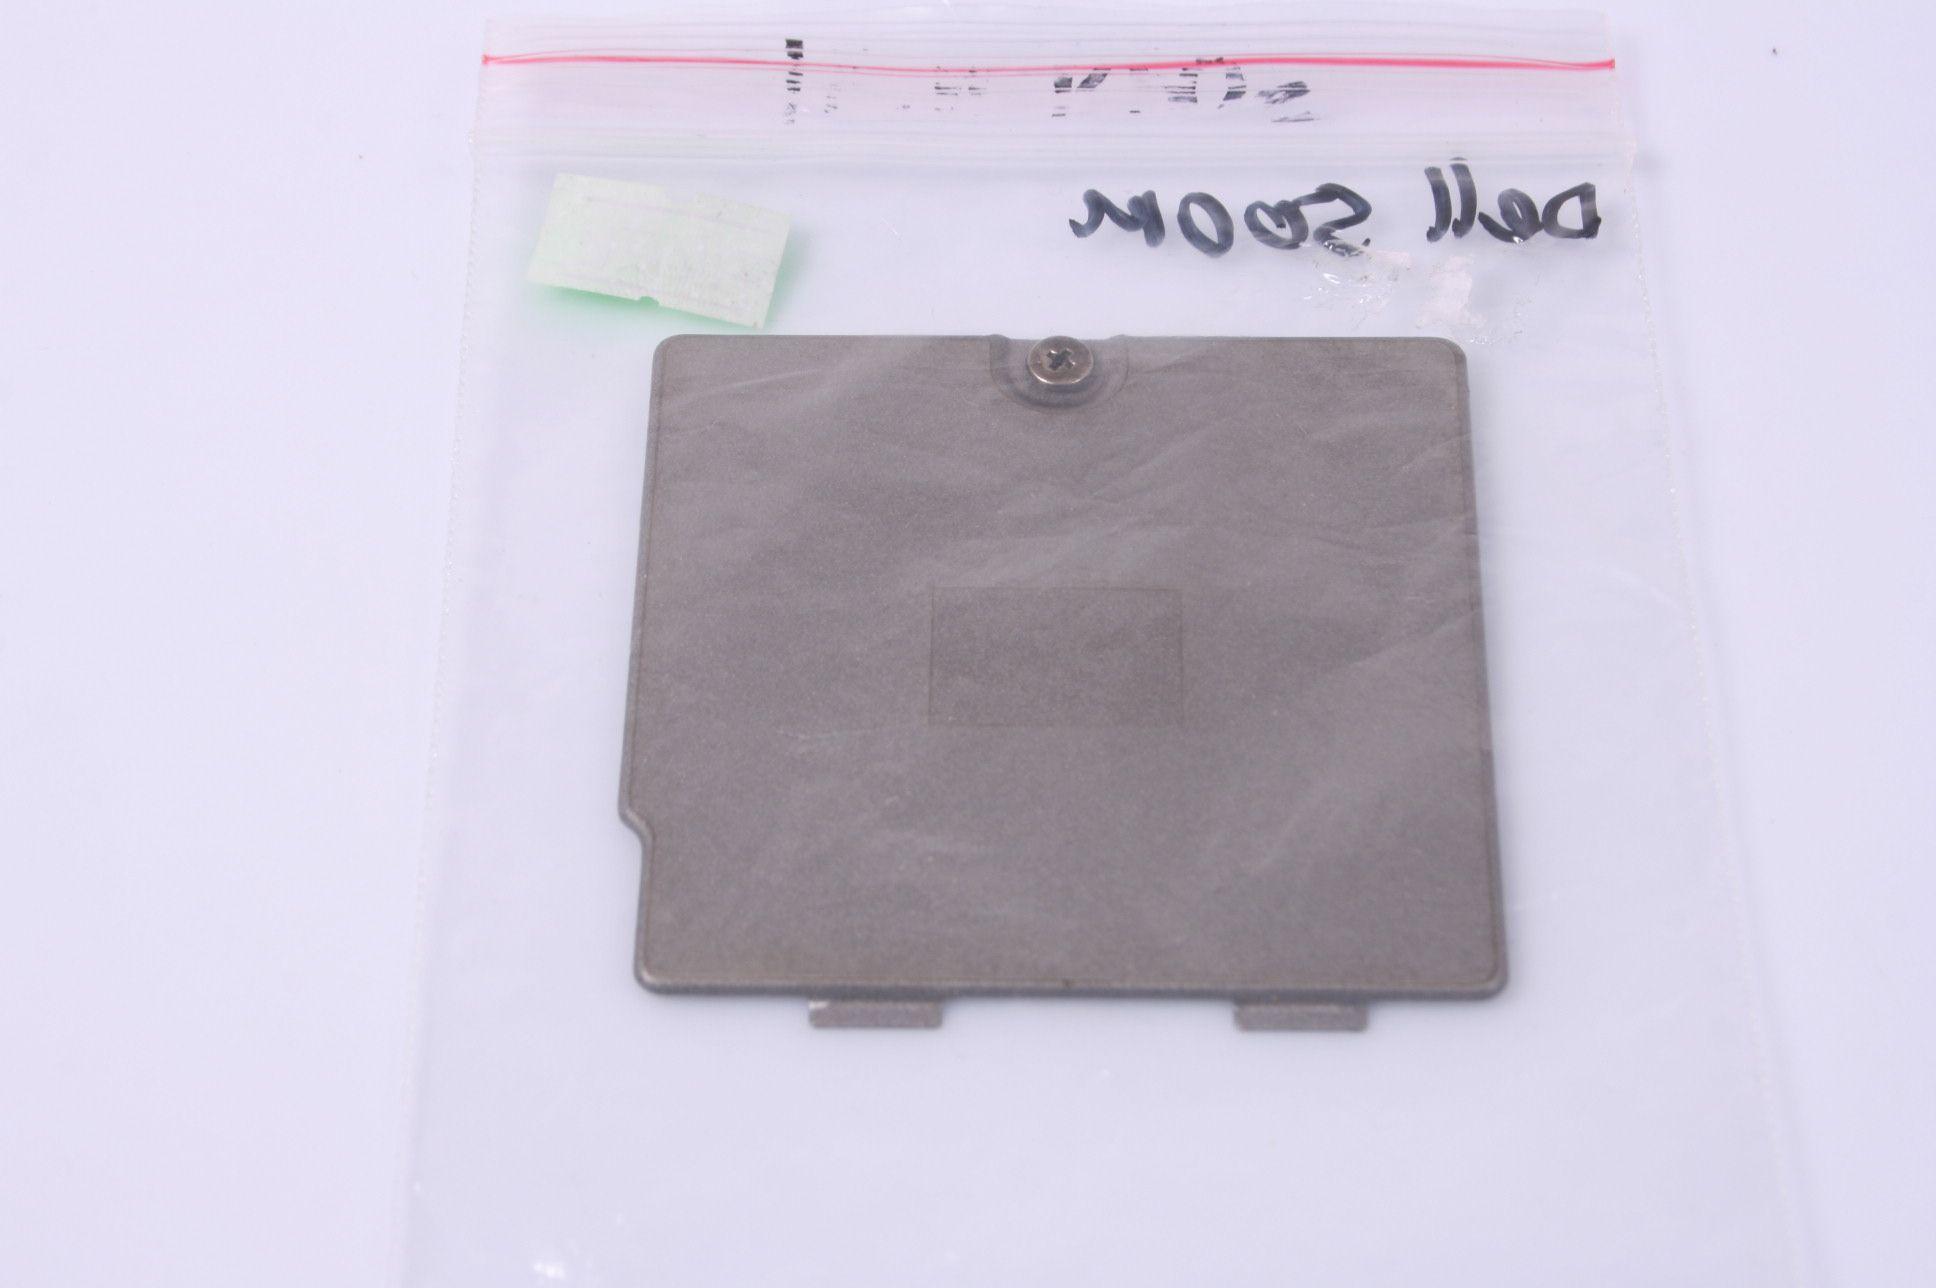 DELL Inspiron 500M Wireless Cover 3MJM2PDWI01